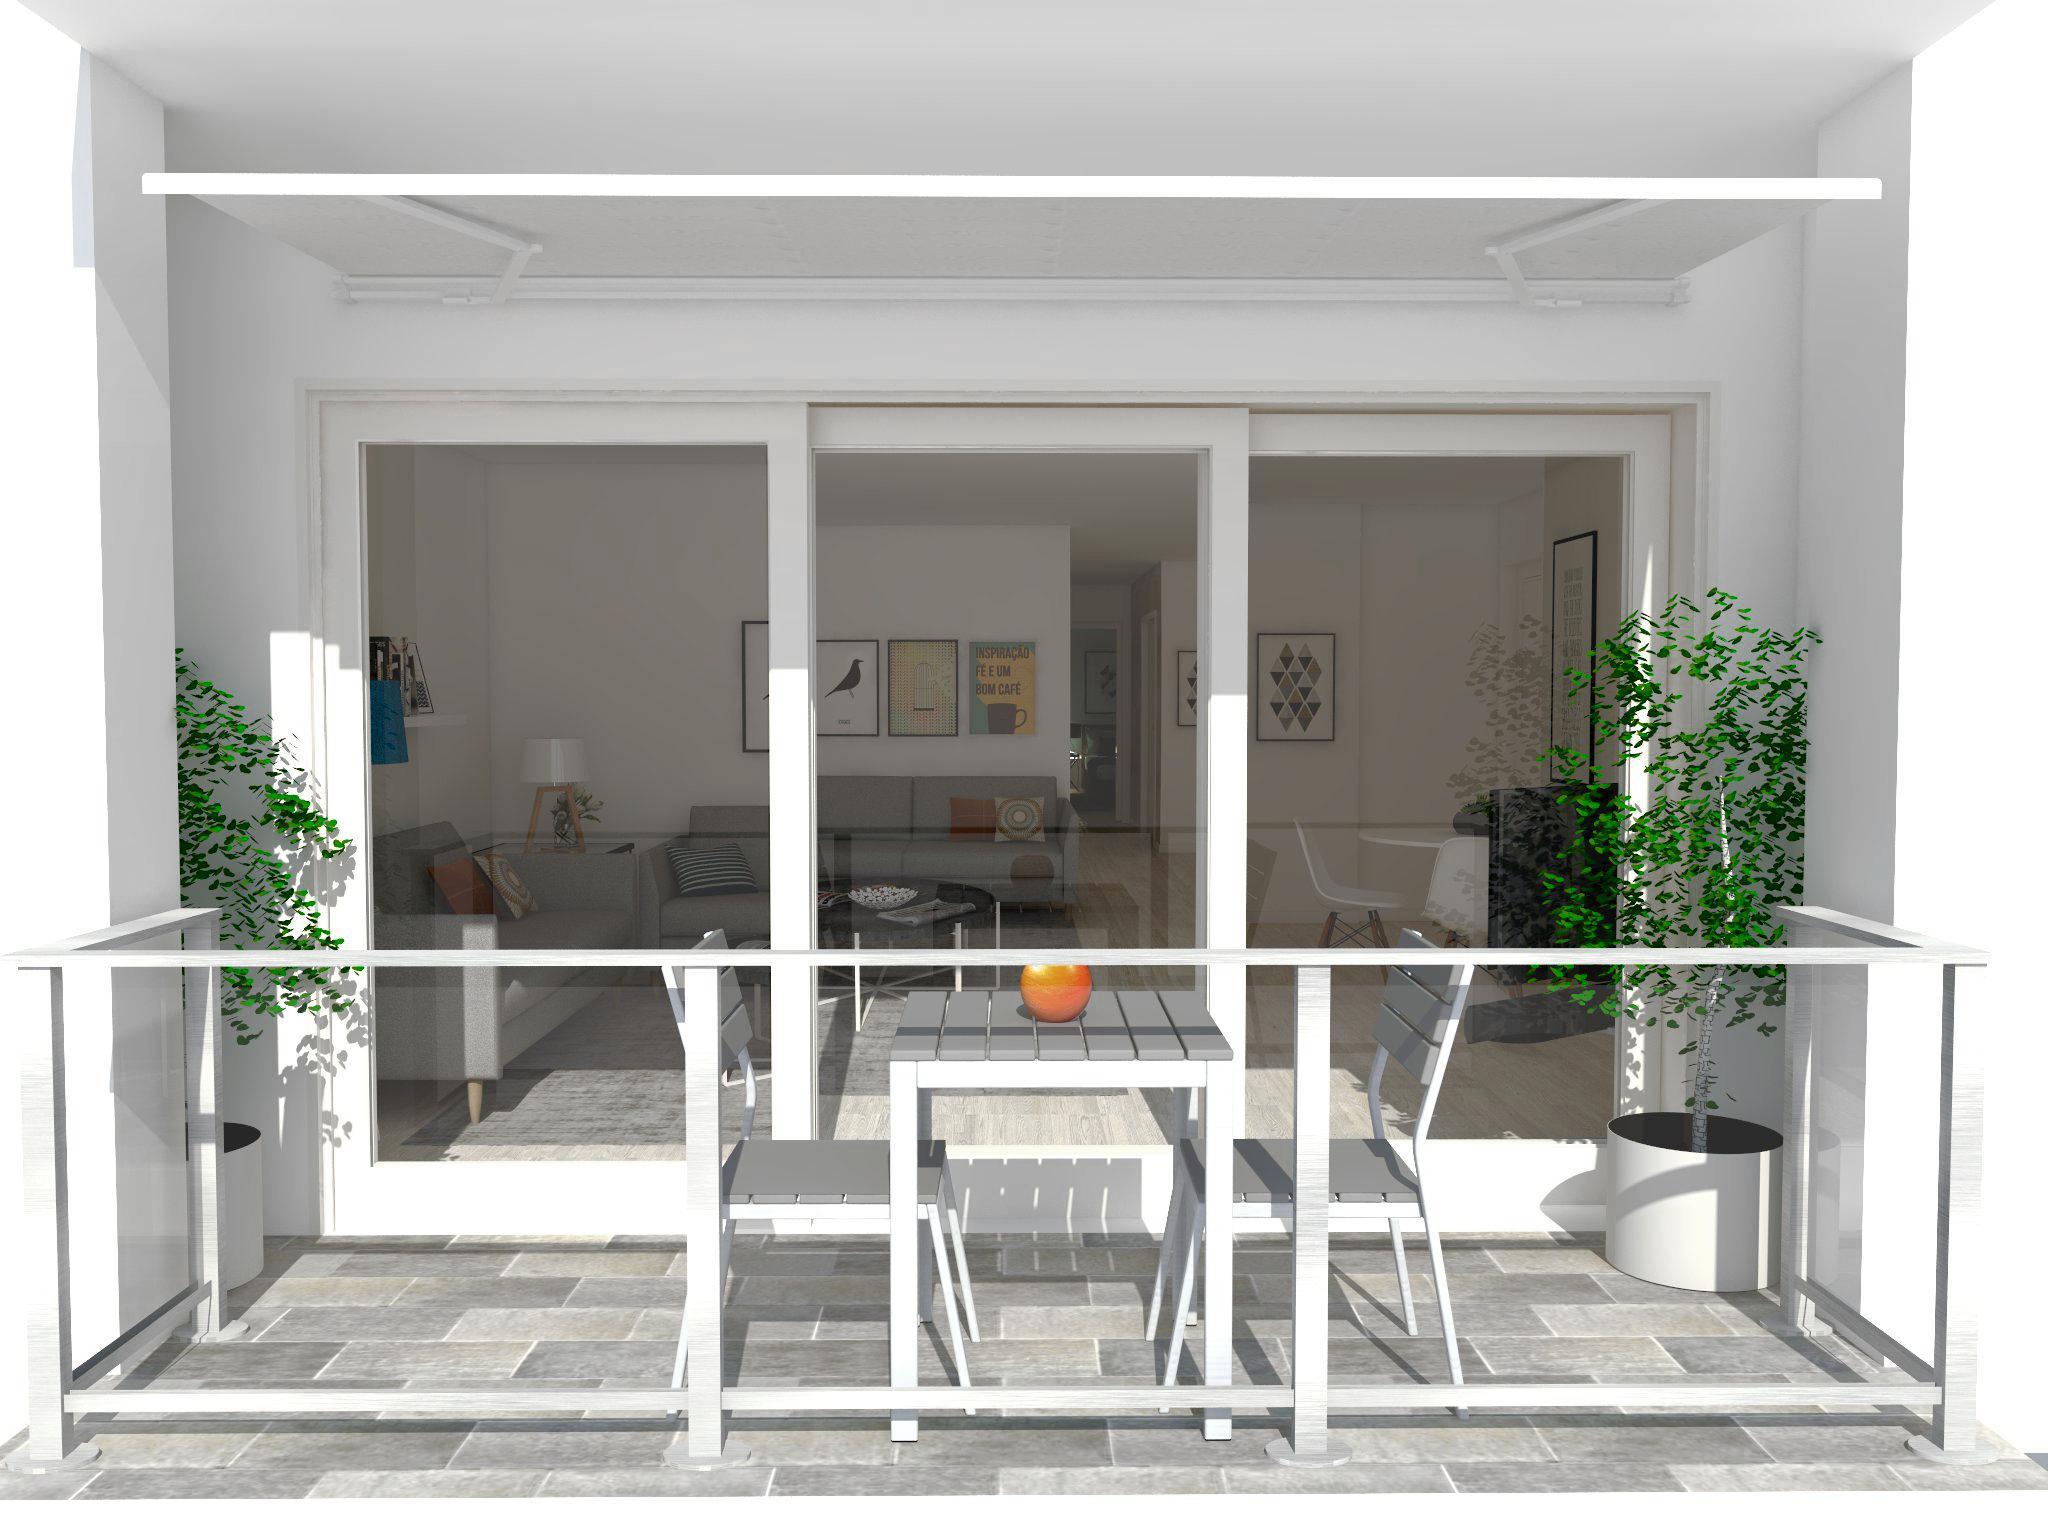 166556 - Exclusiva promoción de viviendas-Fuengirola Centro